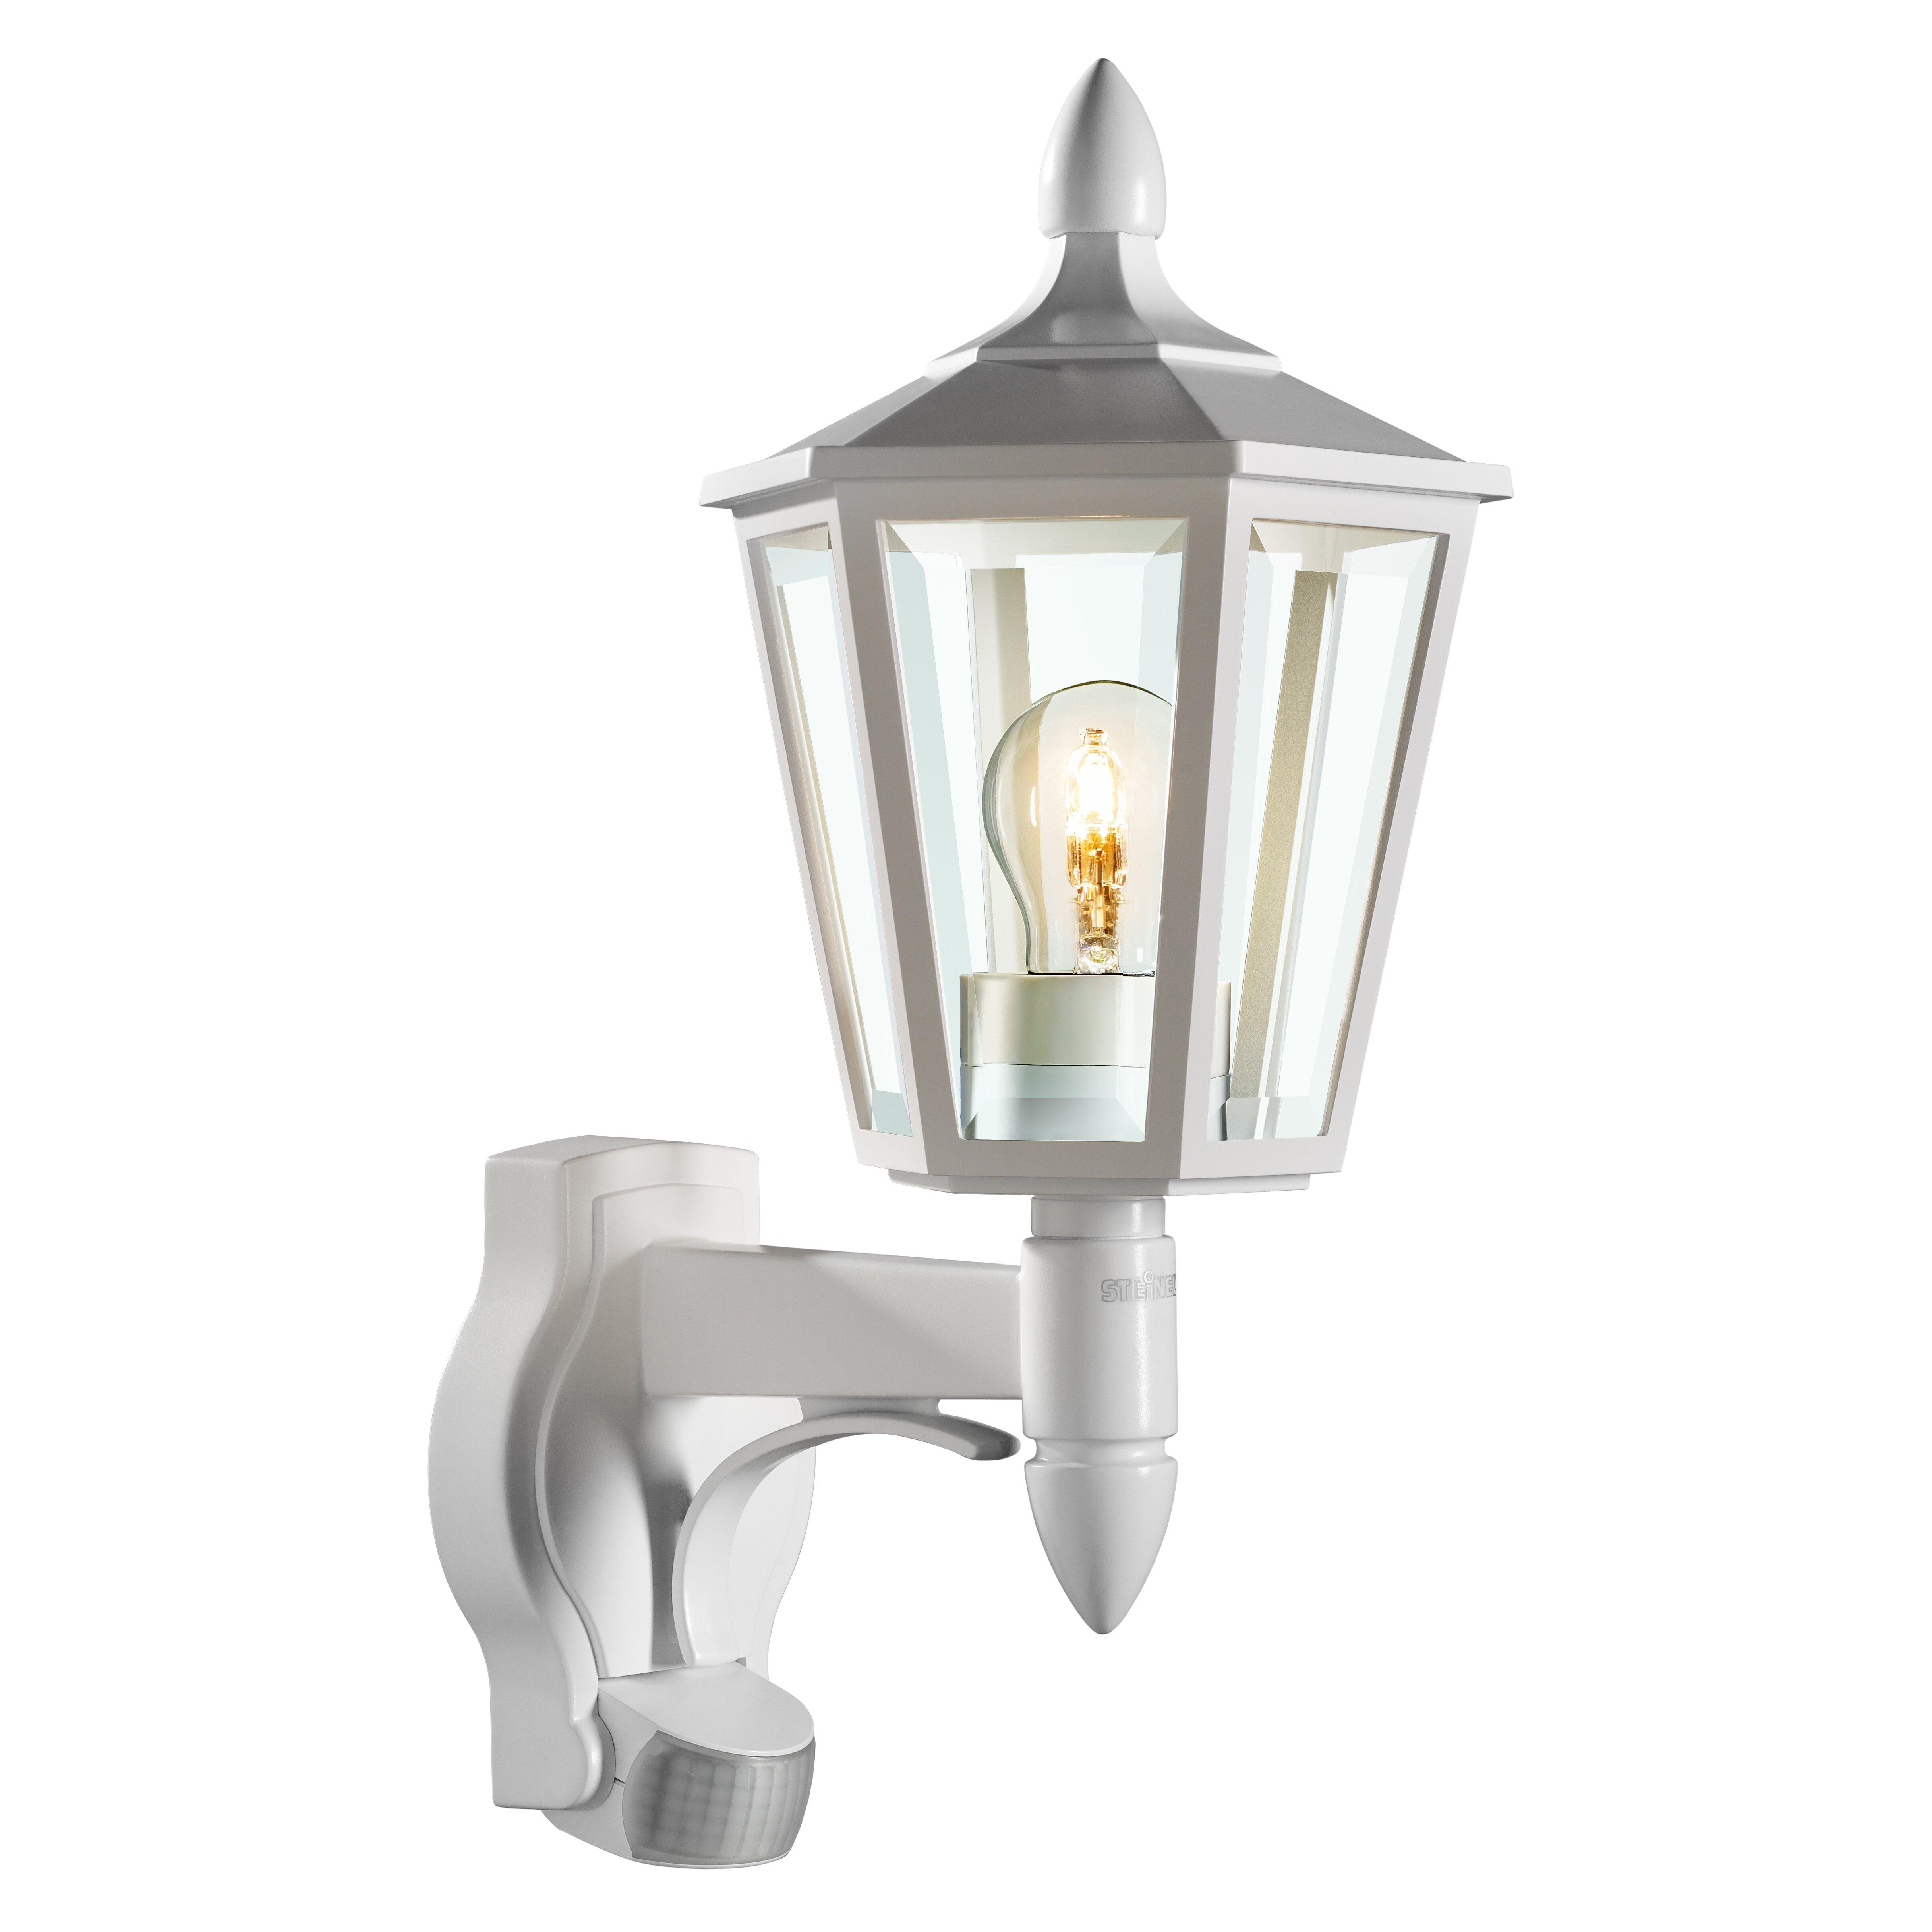 Steinel 1 Light Outdoor Wall Lantern & Reviews Wayfair UK